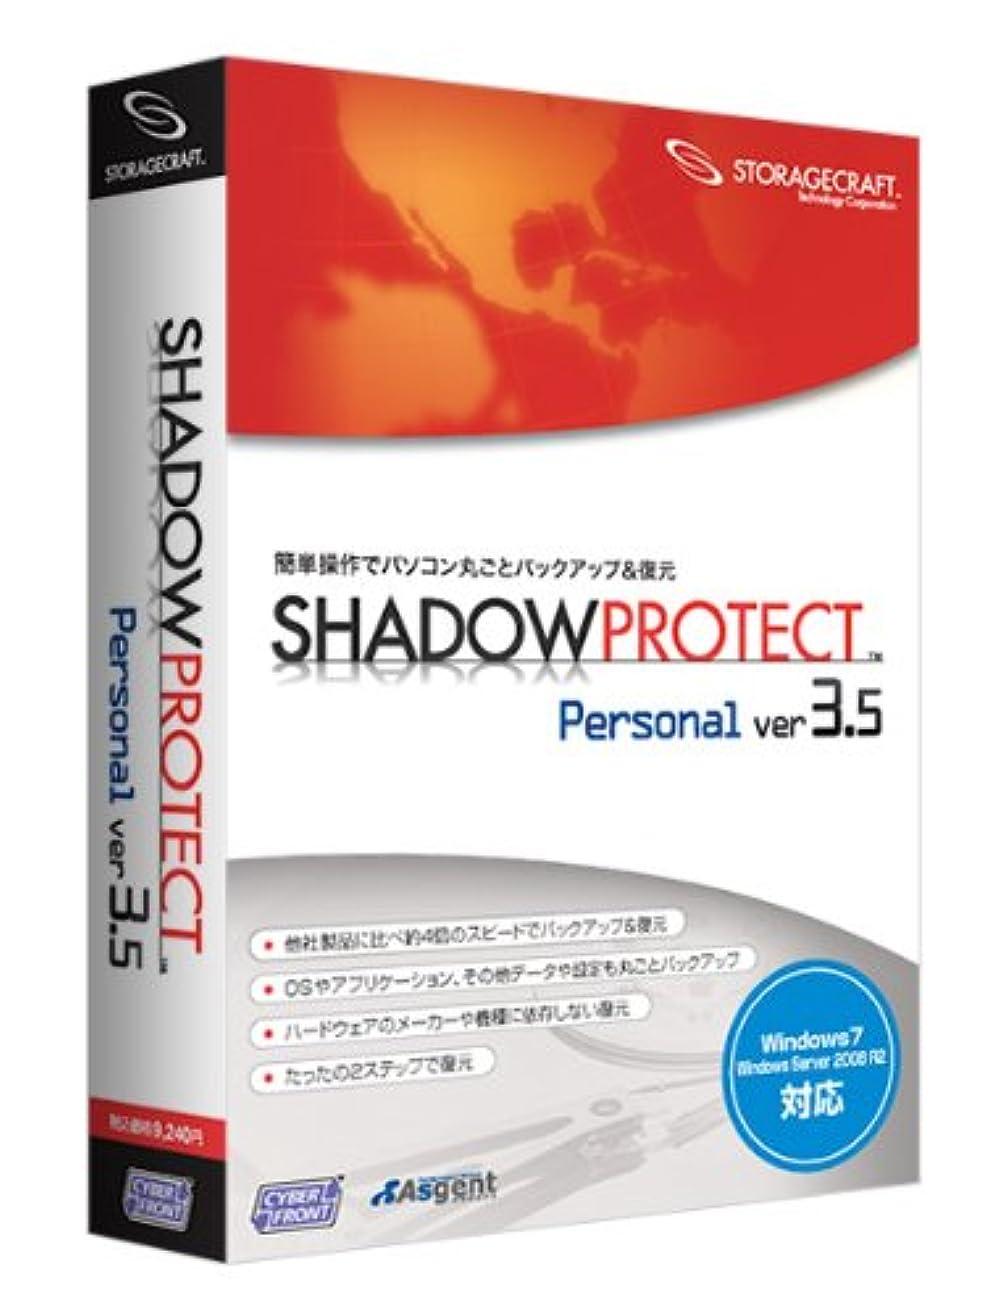 勧告降ろす起きてShadowProtect Personal ver.3.5(シャドウプロテクト)